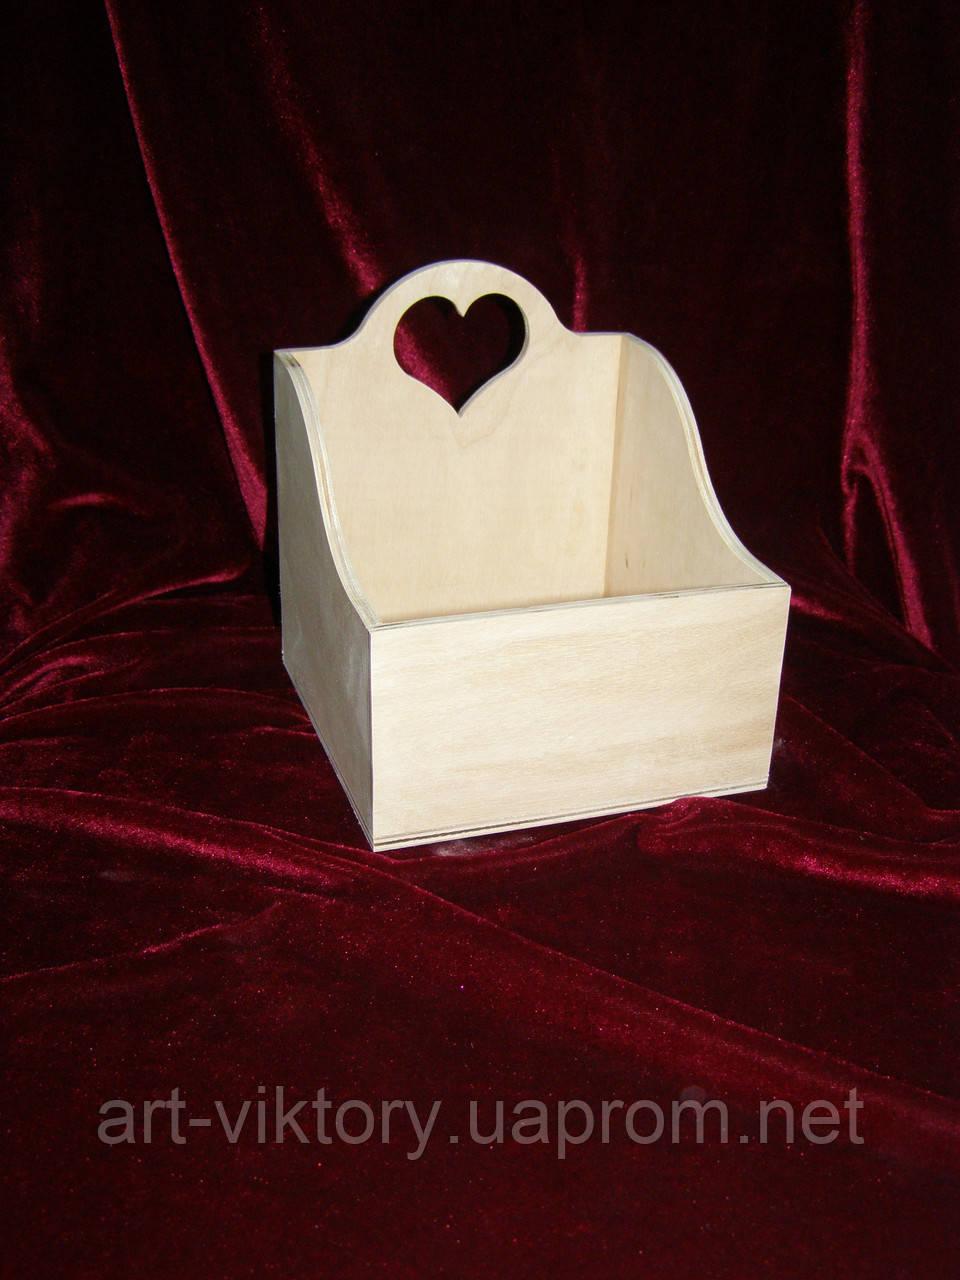 Короб для спецій з сердечком (14 х 14 х 15,5 см)